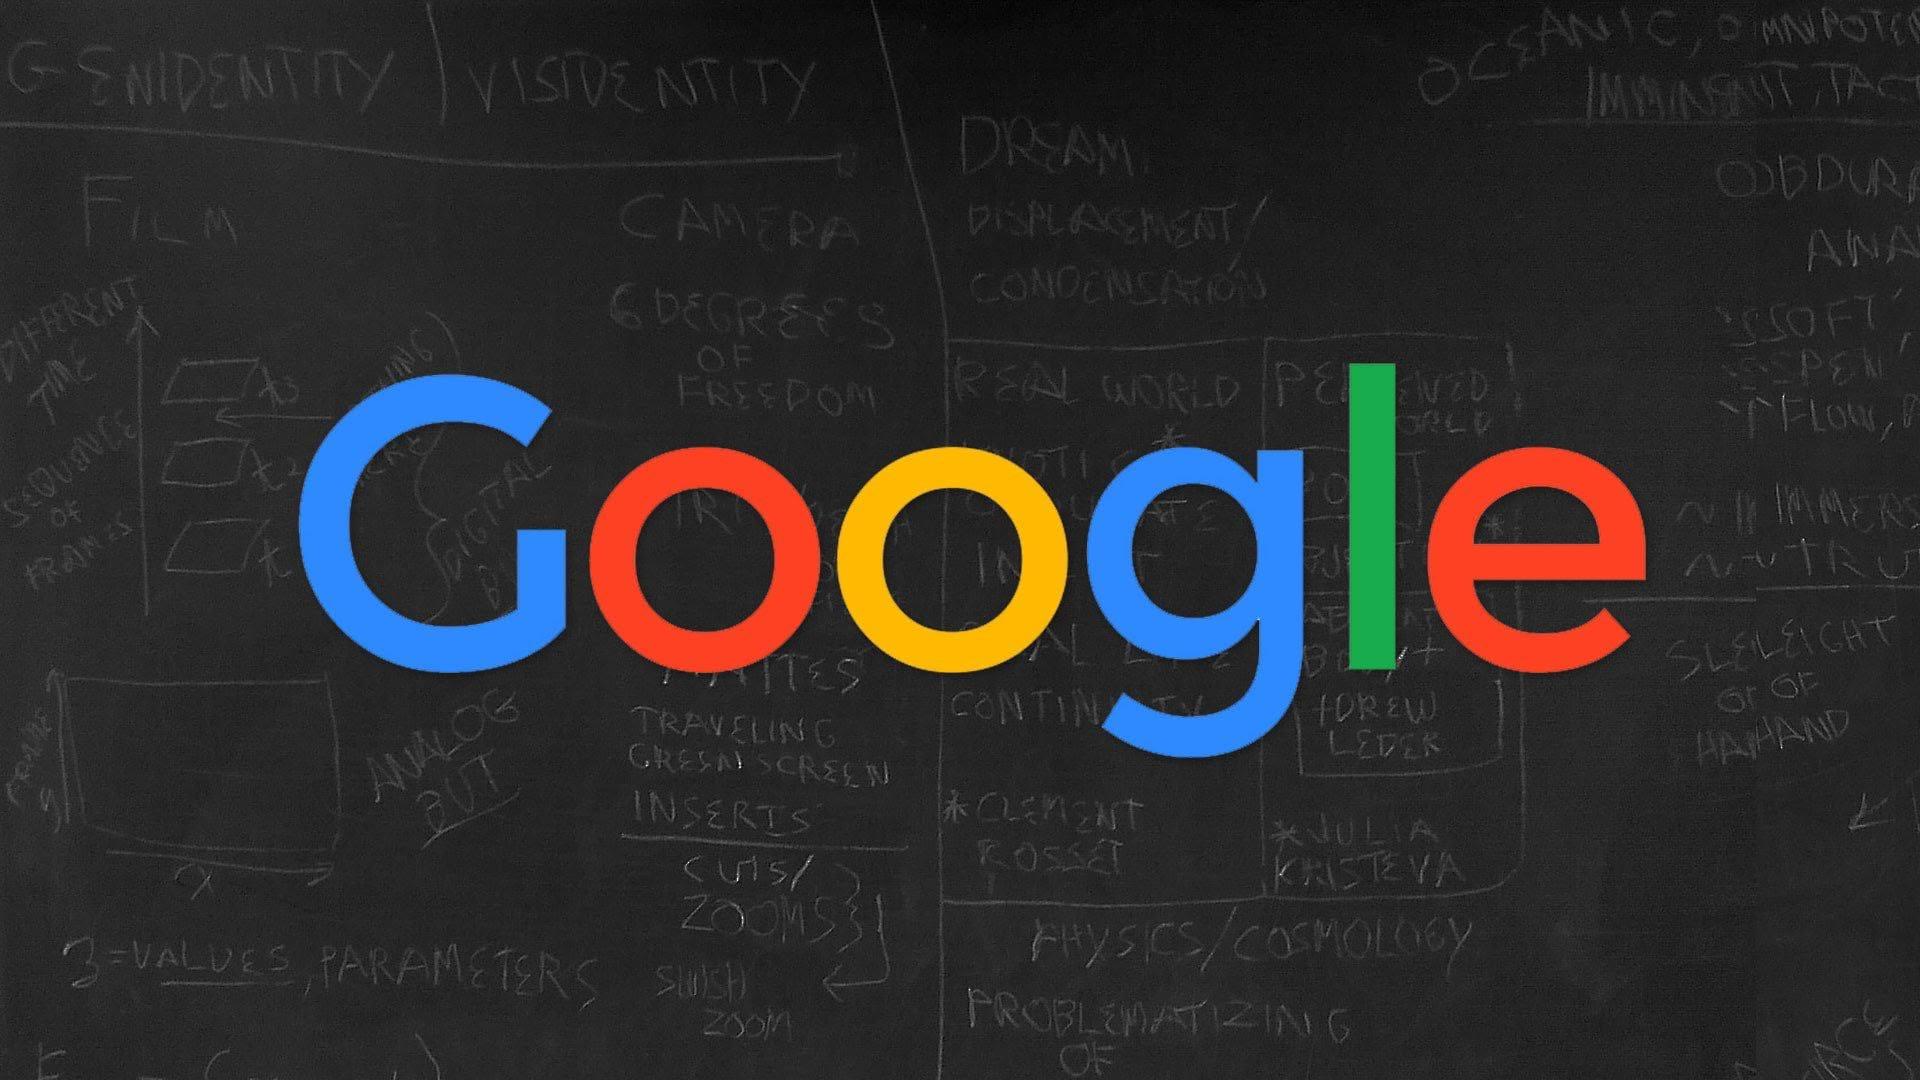 ВGoogle Chrome возникла функция, ускоряющая загрузку веб-страниц